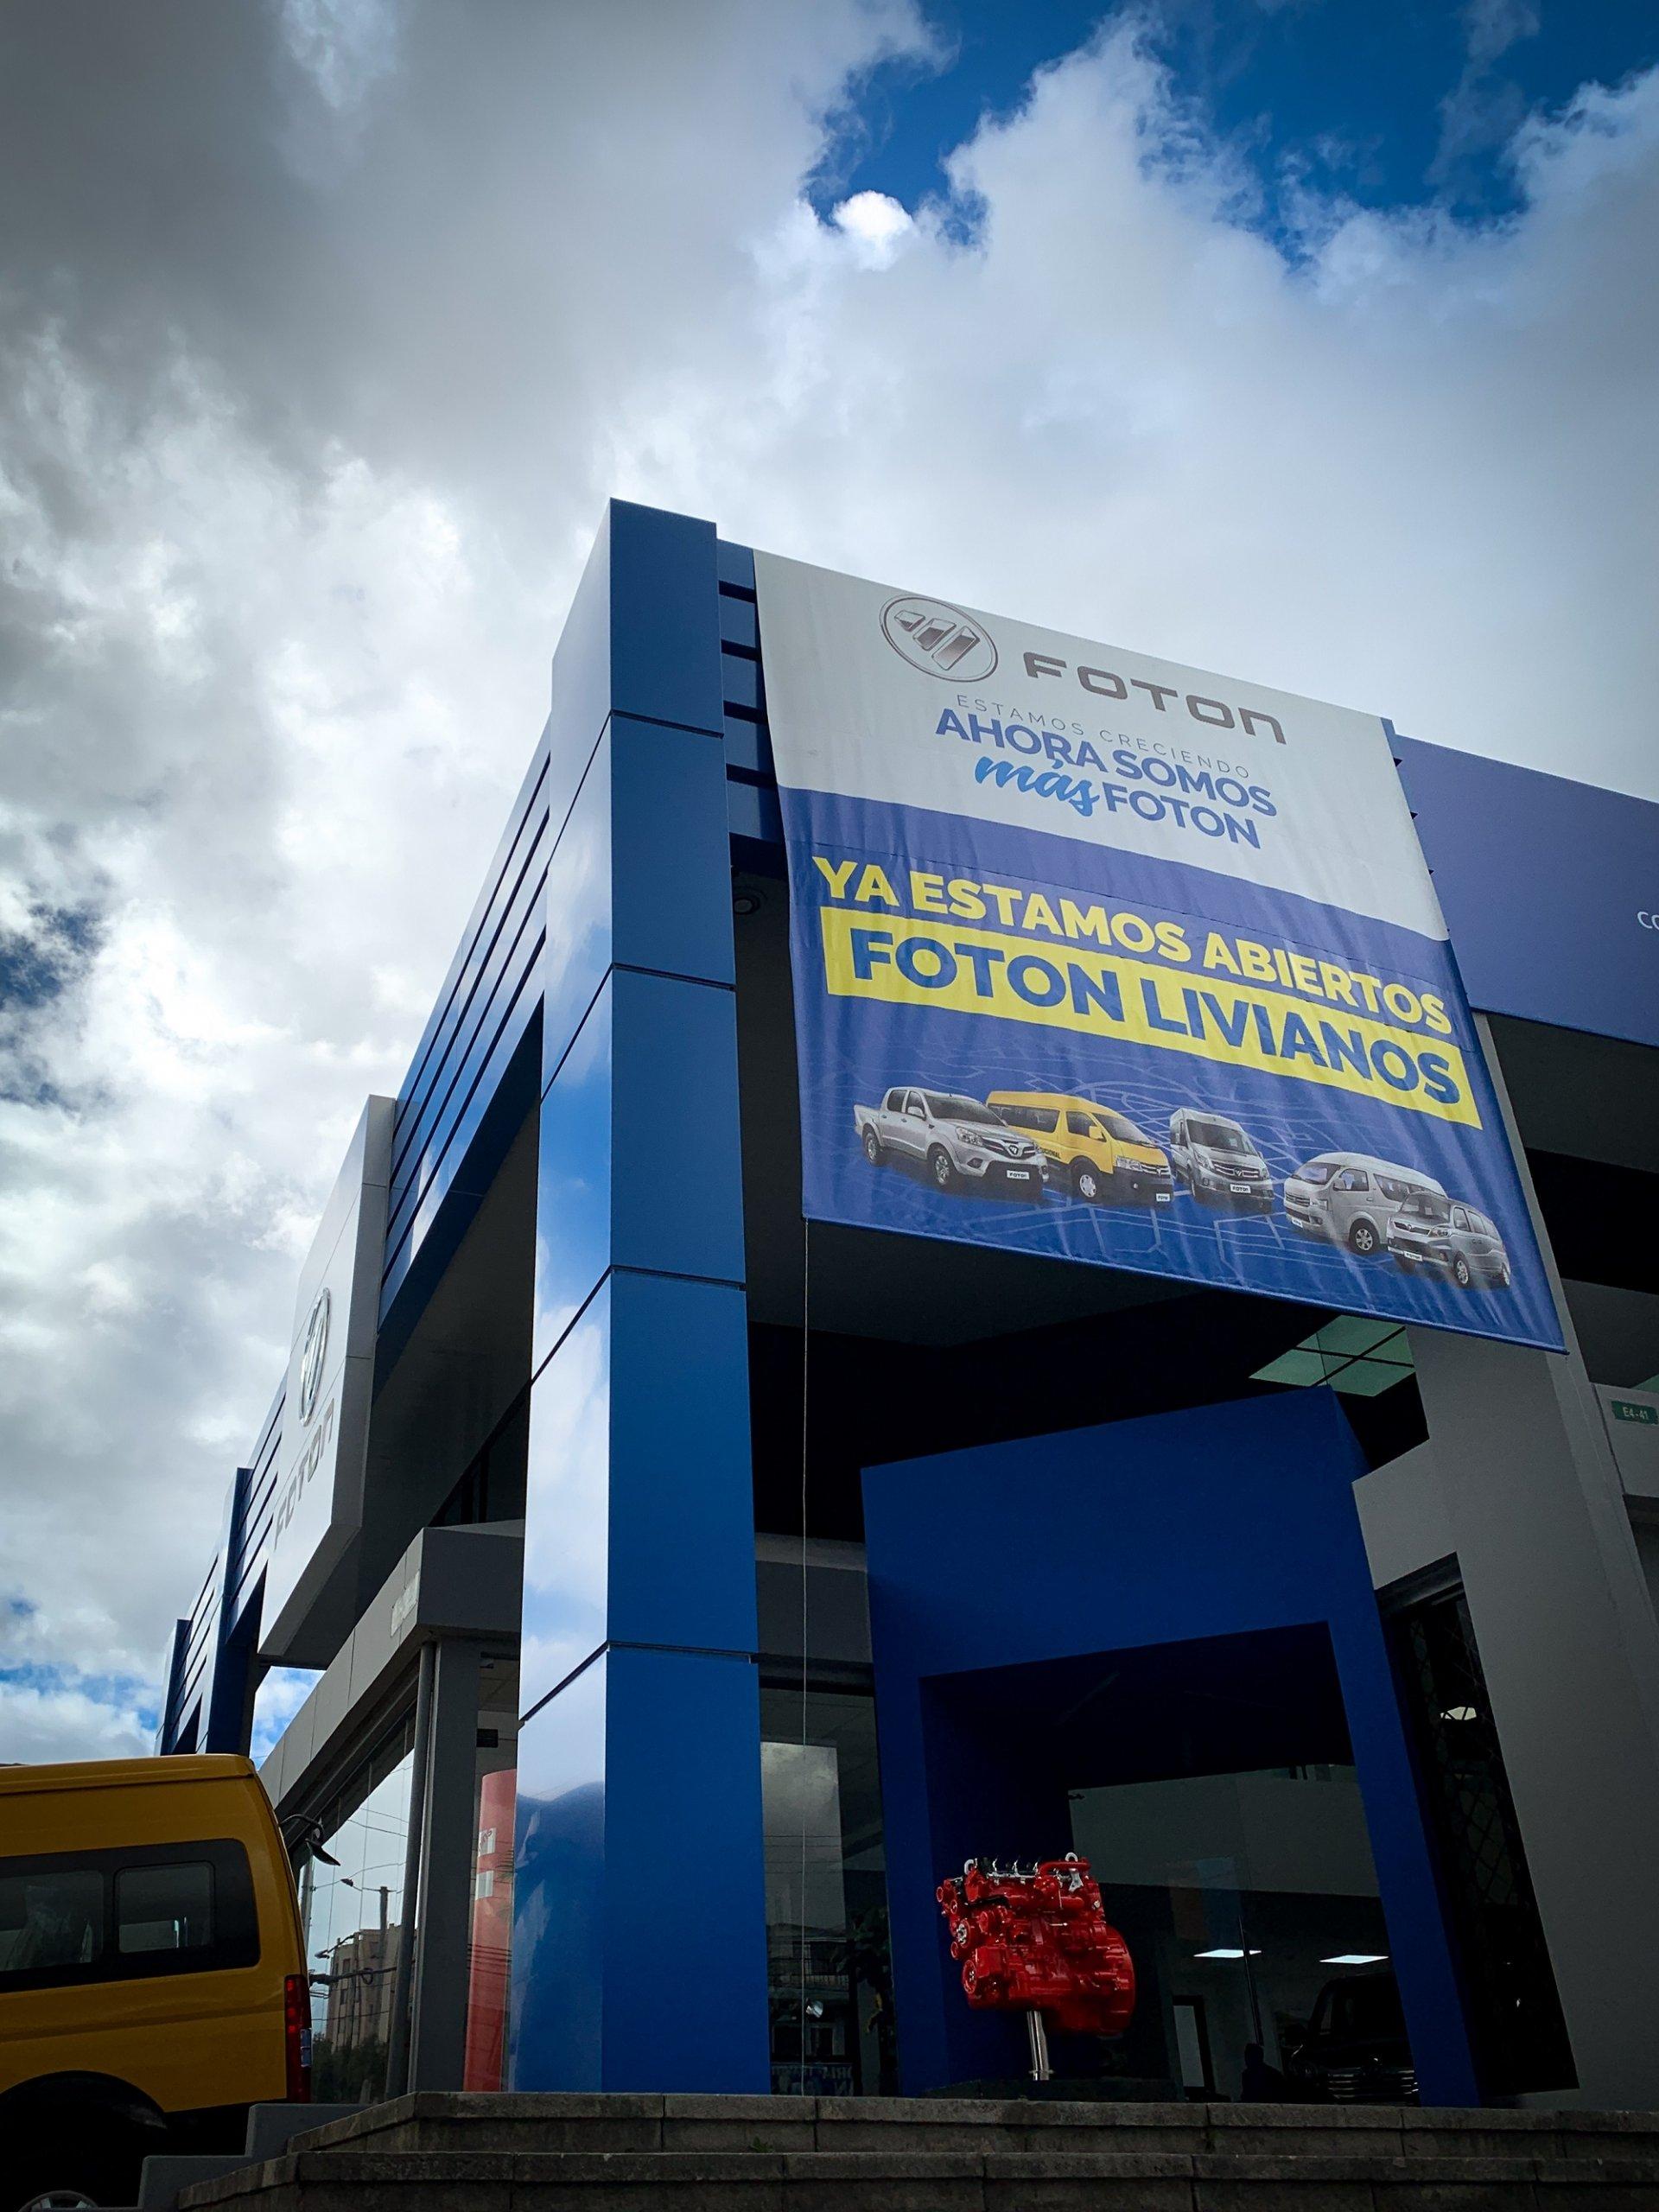 Concesionario-Vehiculos-Foton-Matriz-A3-Arquitectos-Quito-Ecuador-2